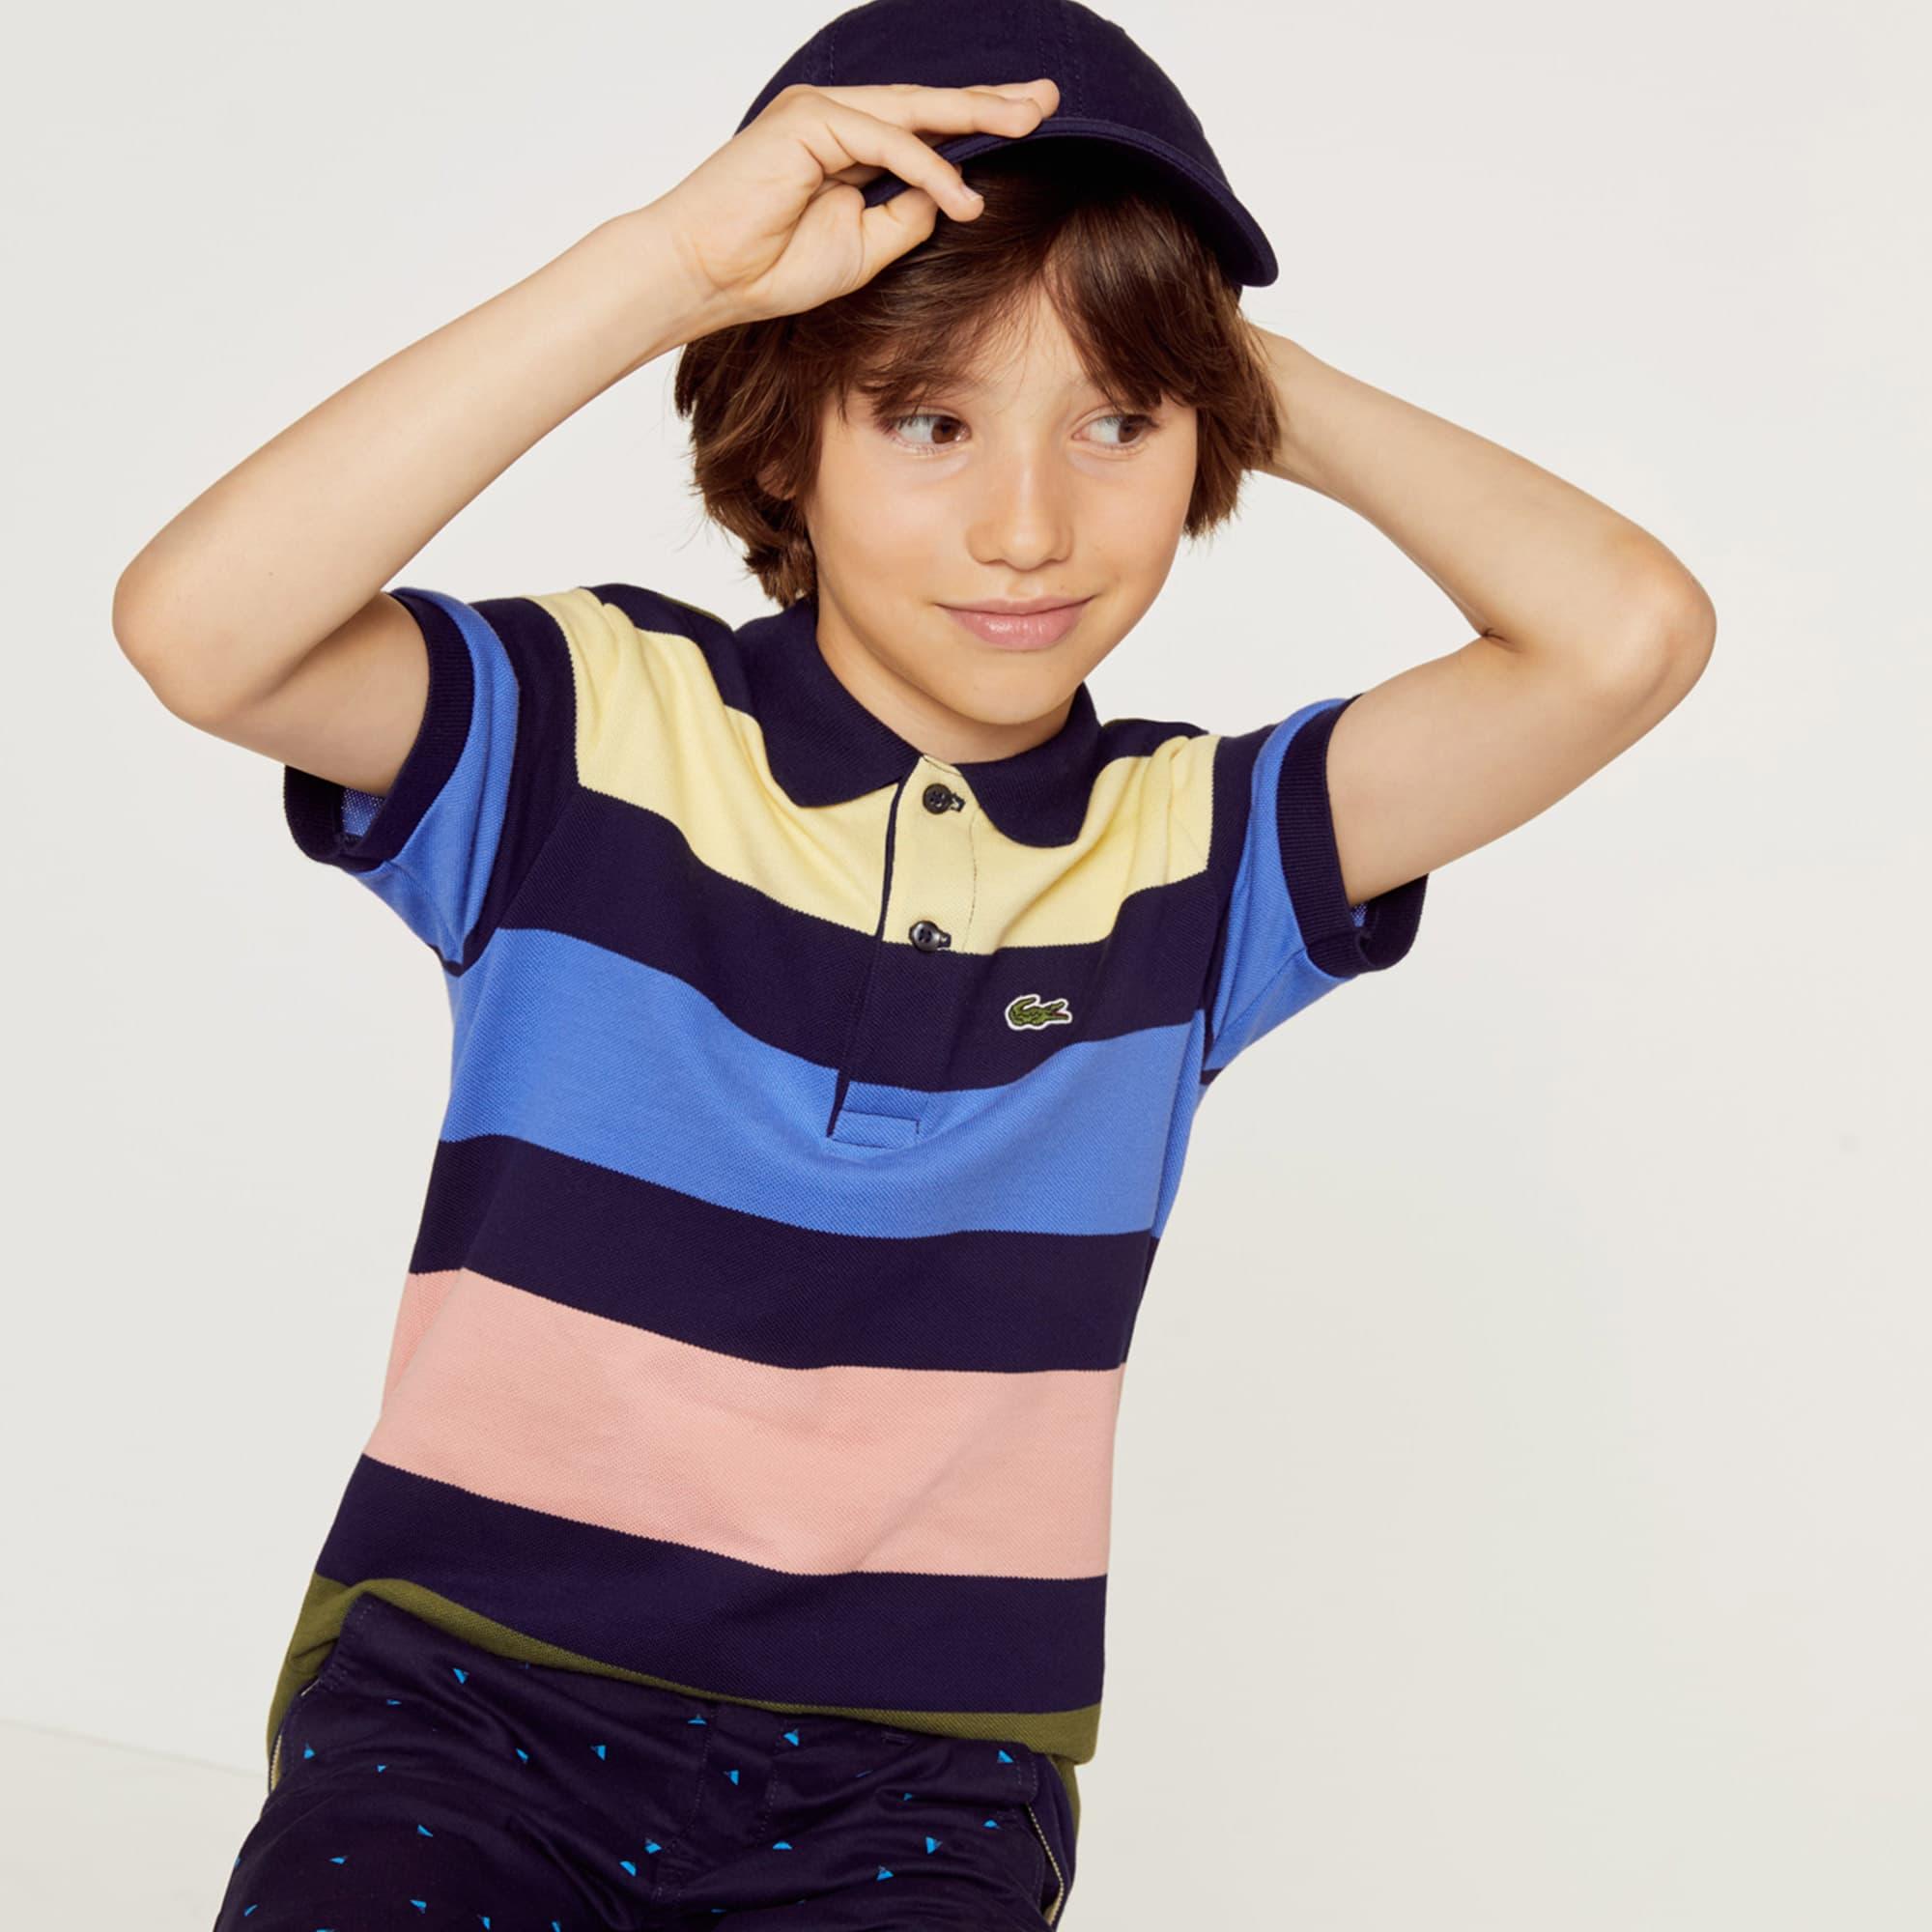 50c85a639aba Boy s Clothing